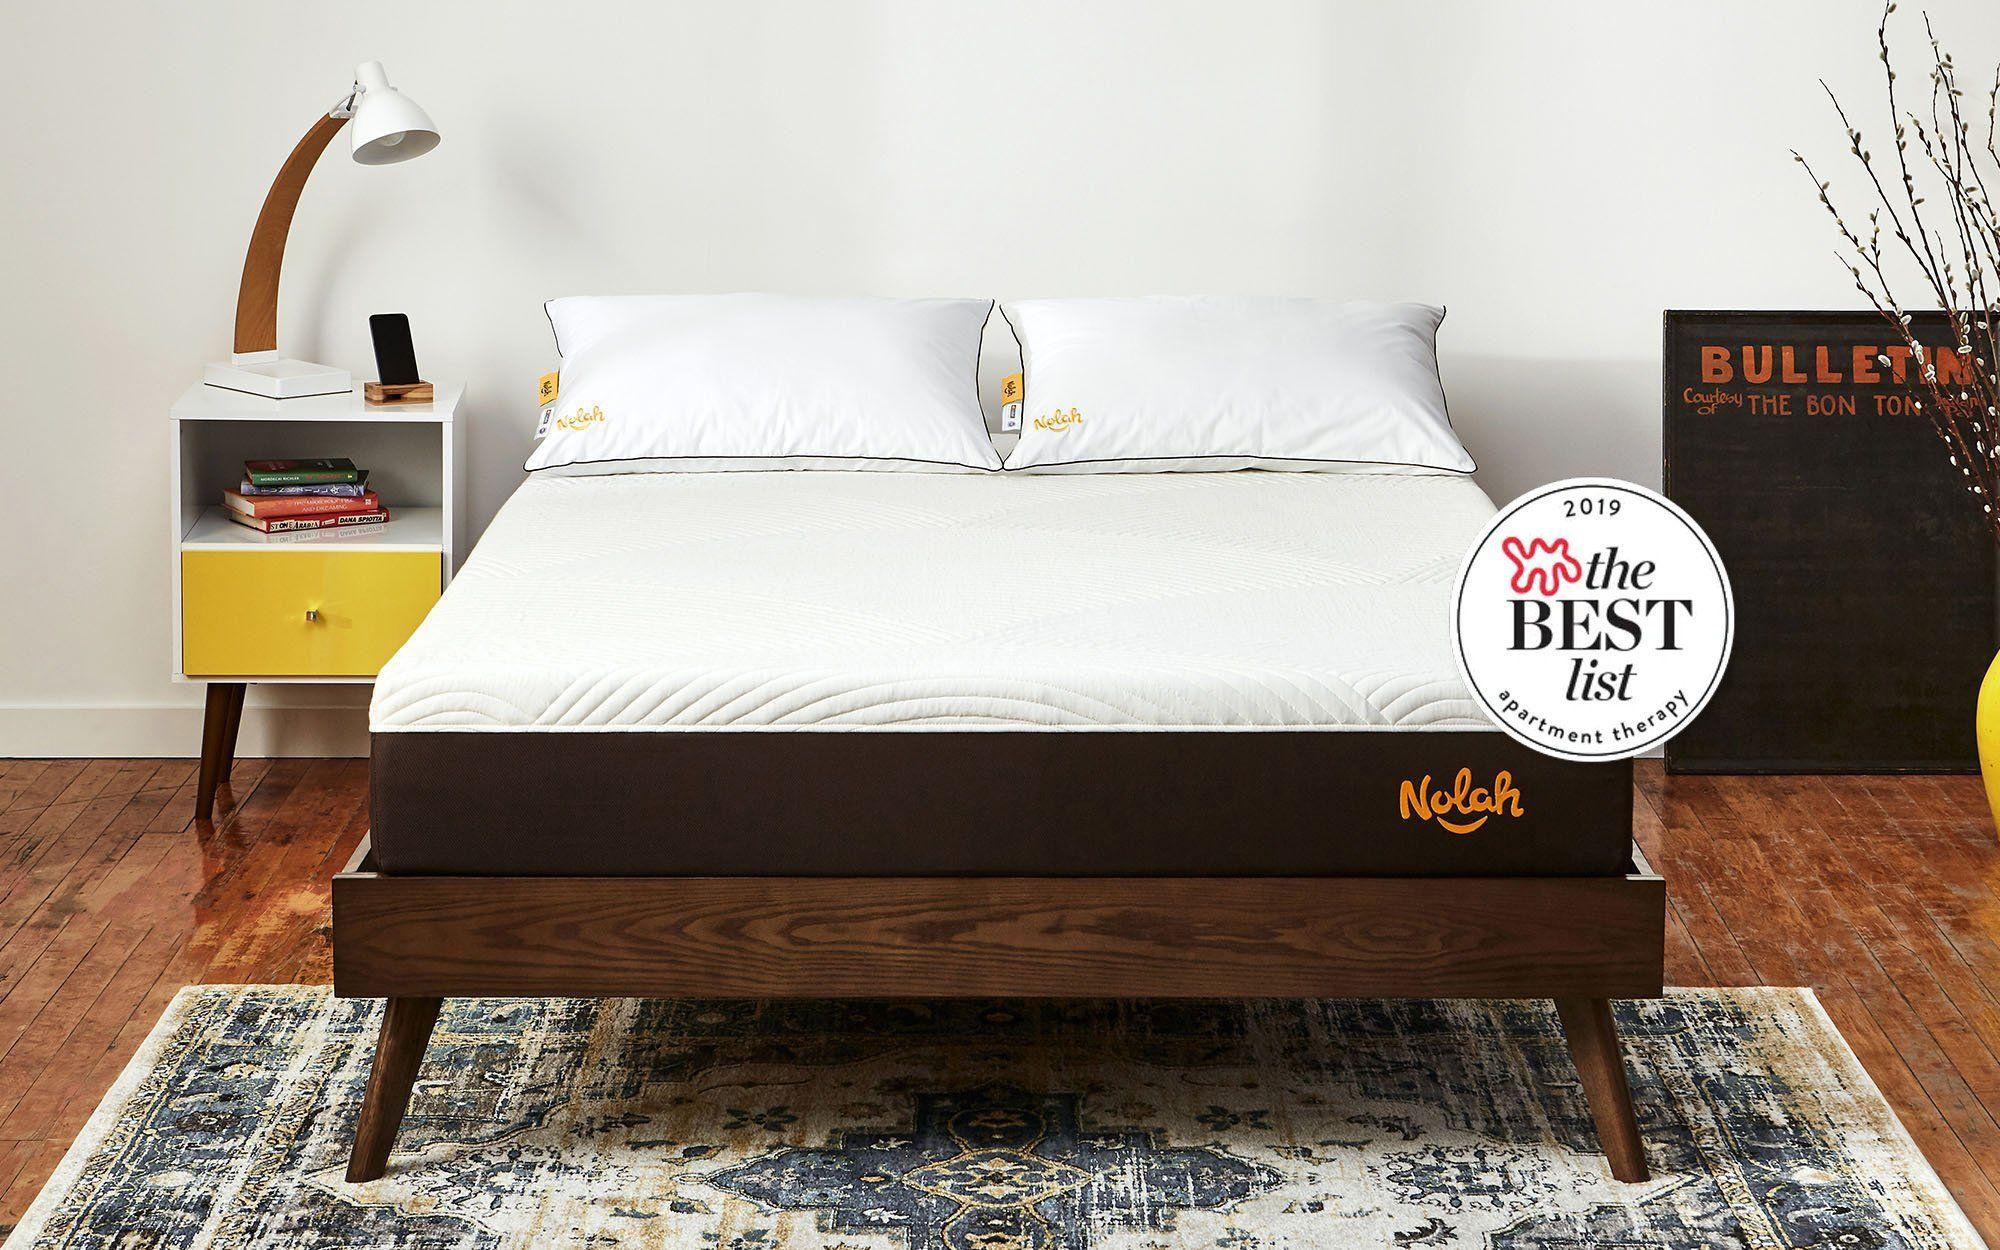 Nolah Original 10 Best mattress, Mattress, Best cooling